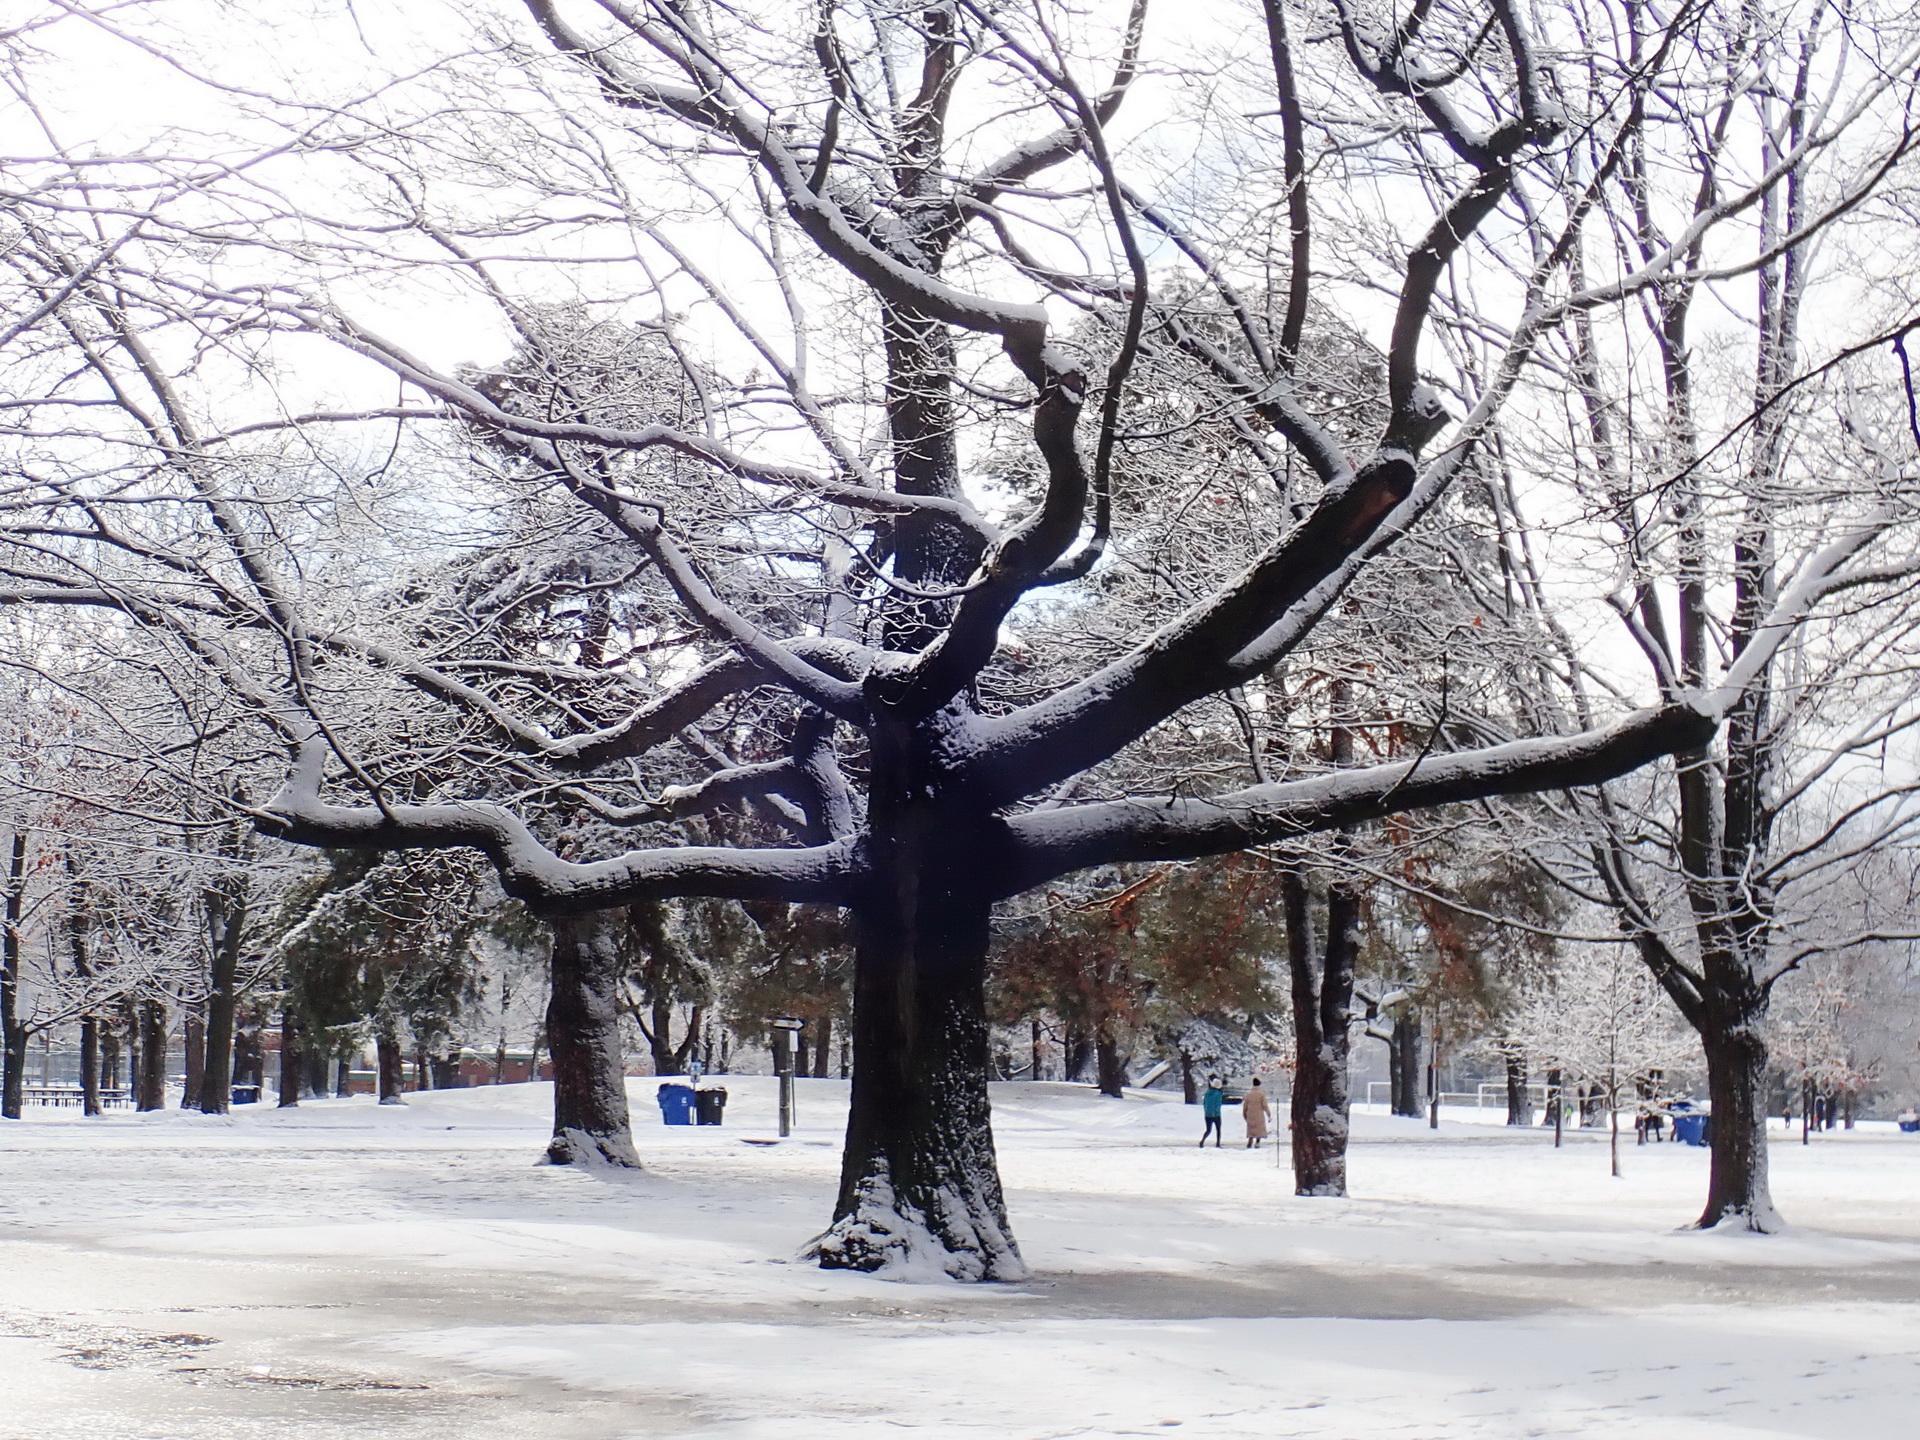 Oak in winter. Photo: Karen Yukich